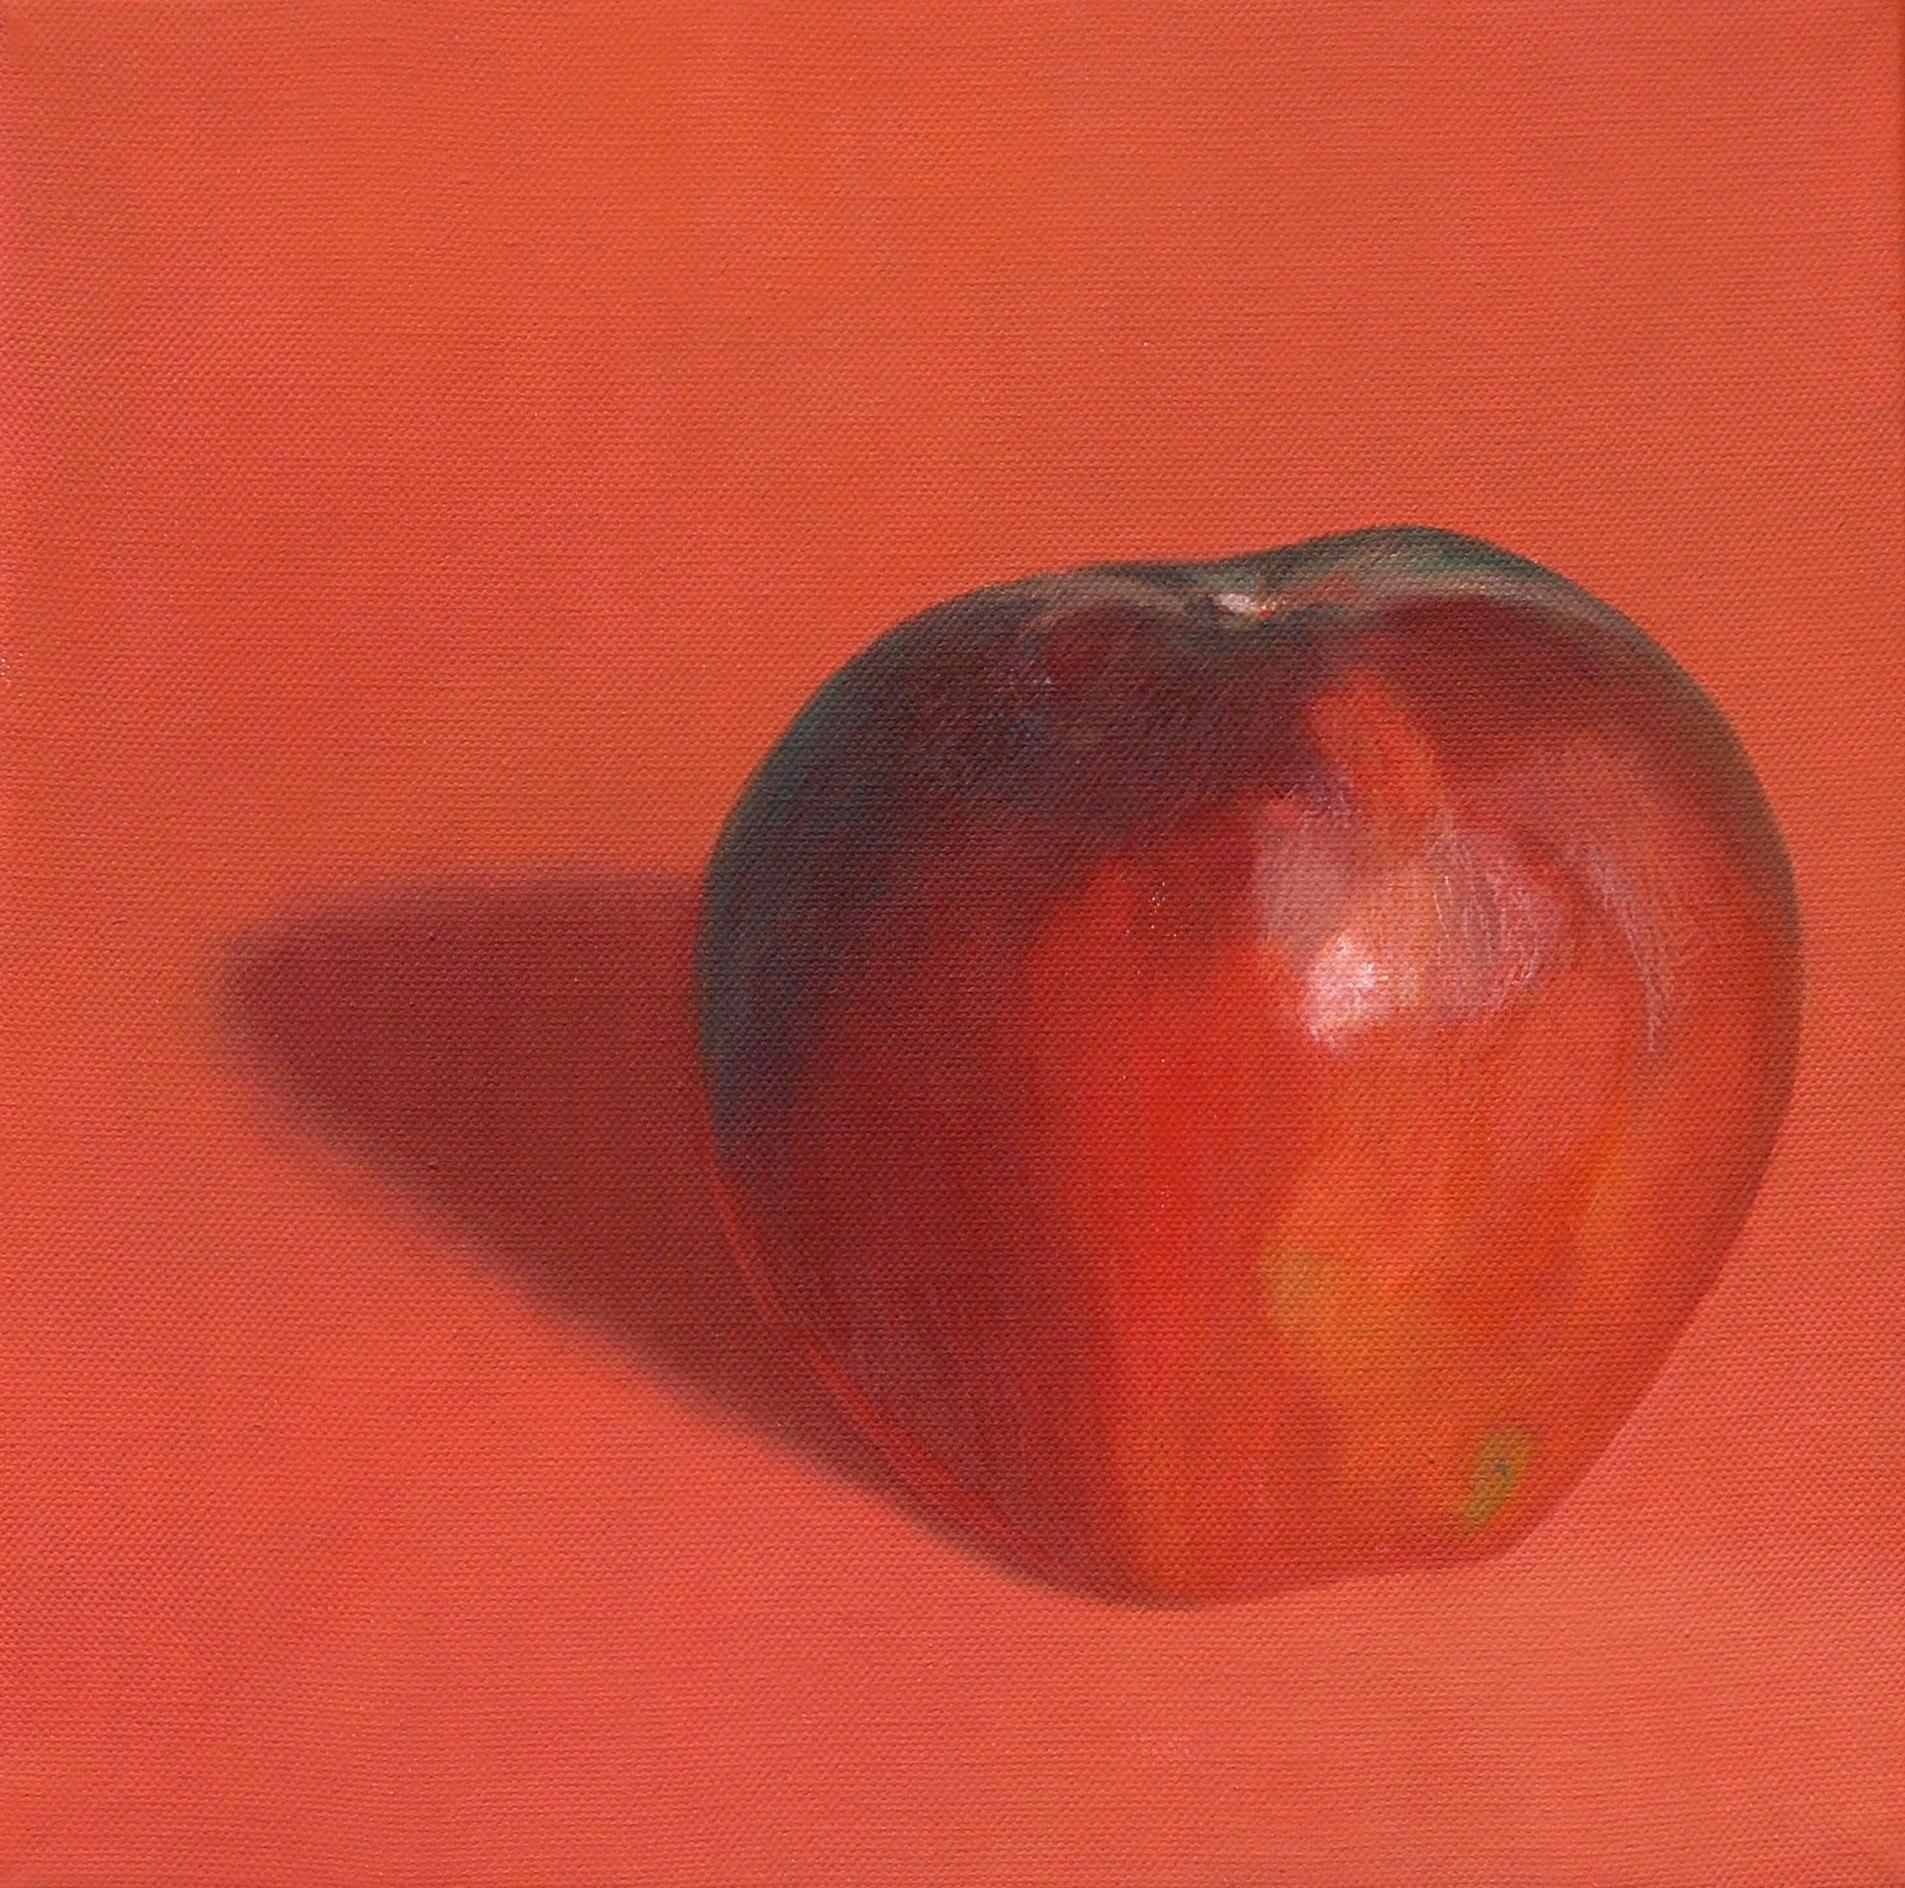 Dark red apple 5